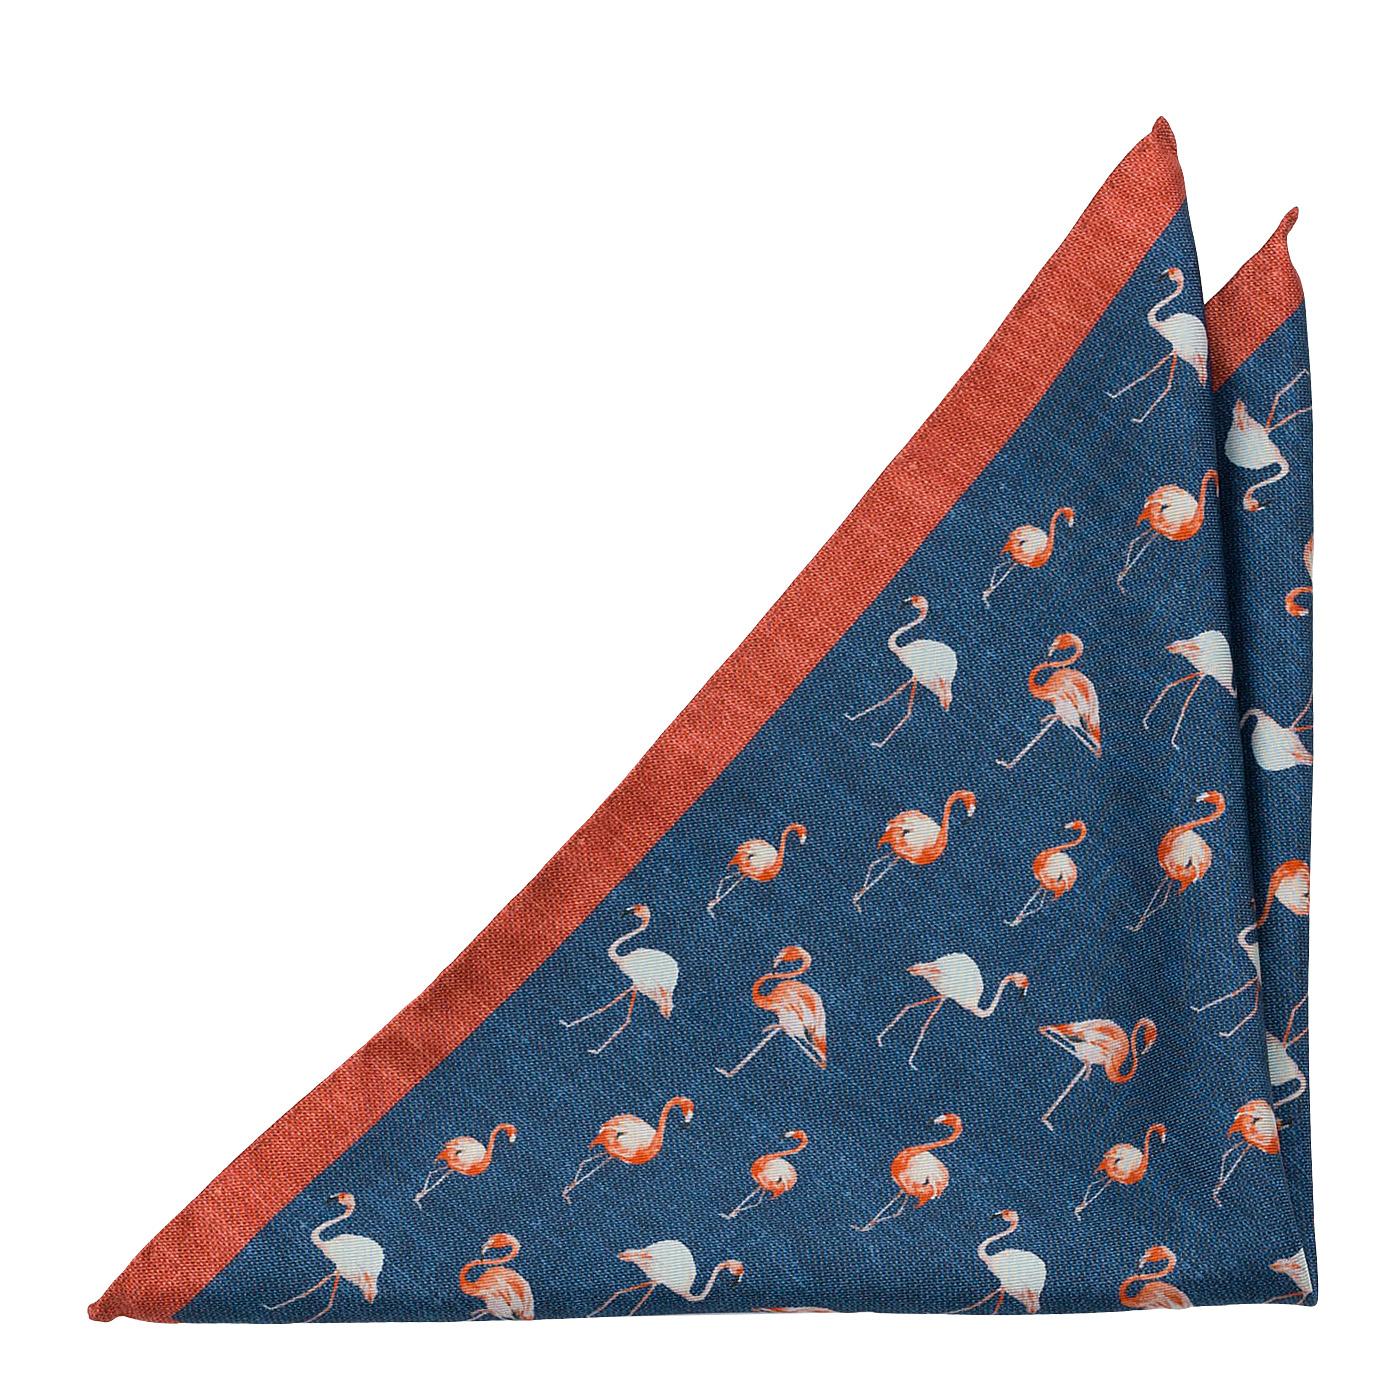 Bröstnäsduk i Siden - Vita och orange flamingor på midnattsblått